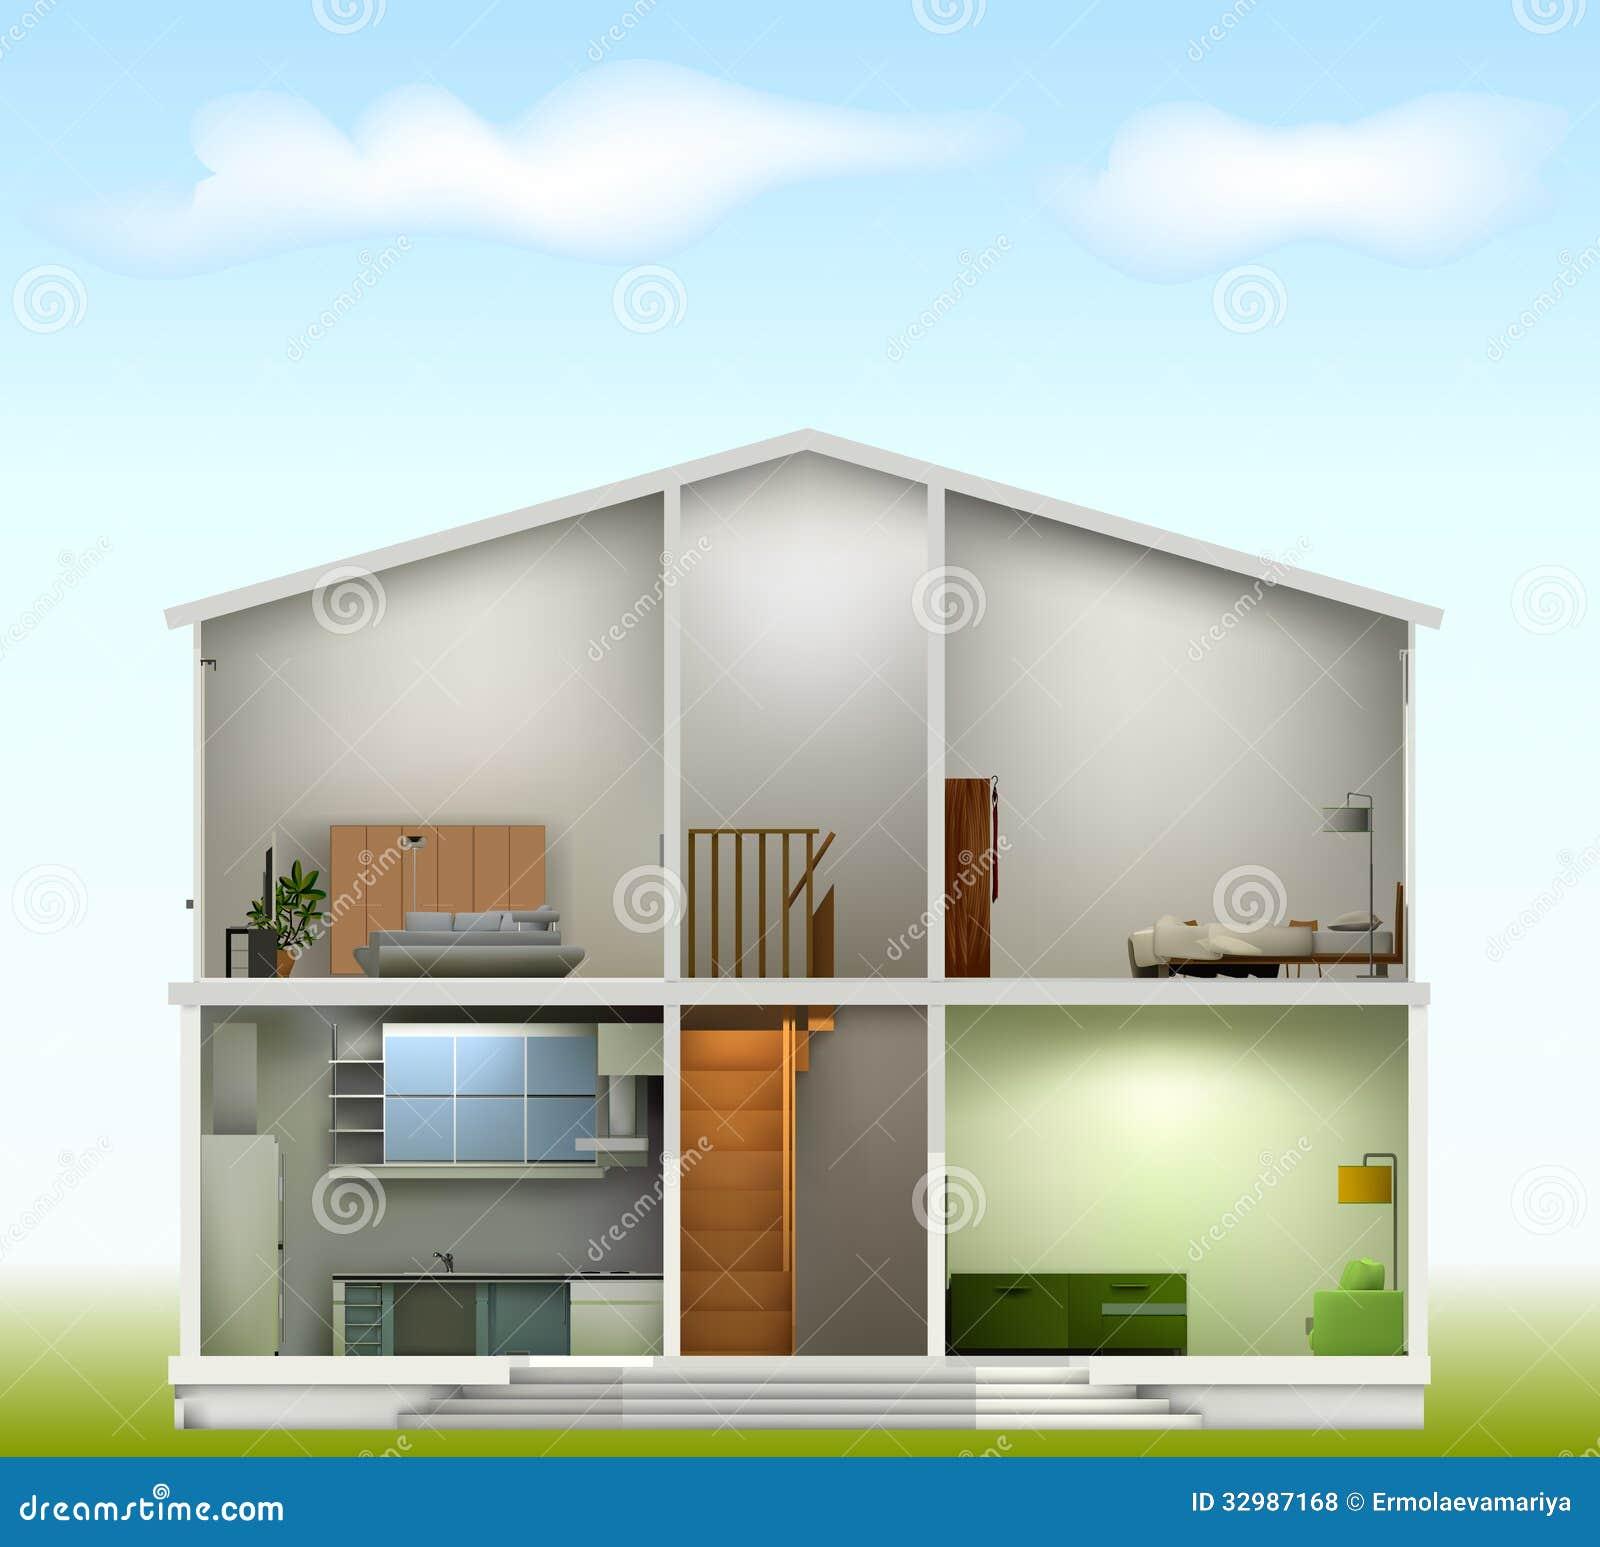 Haus Schnitt Mit Innenraum An Gegen Den Himmel Vektor Abbildung ...